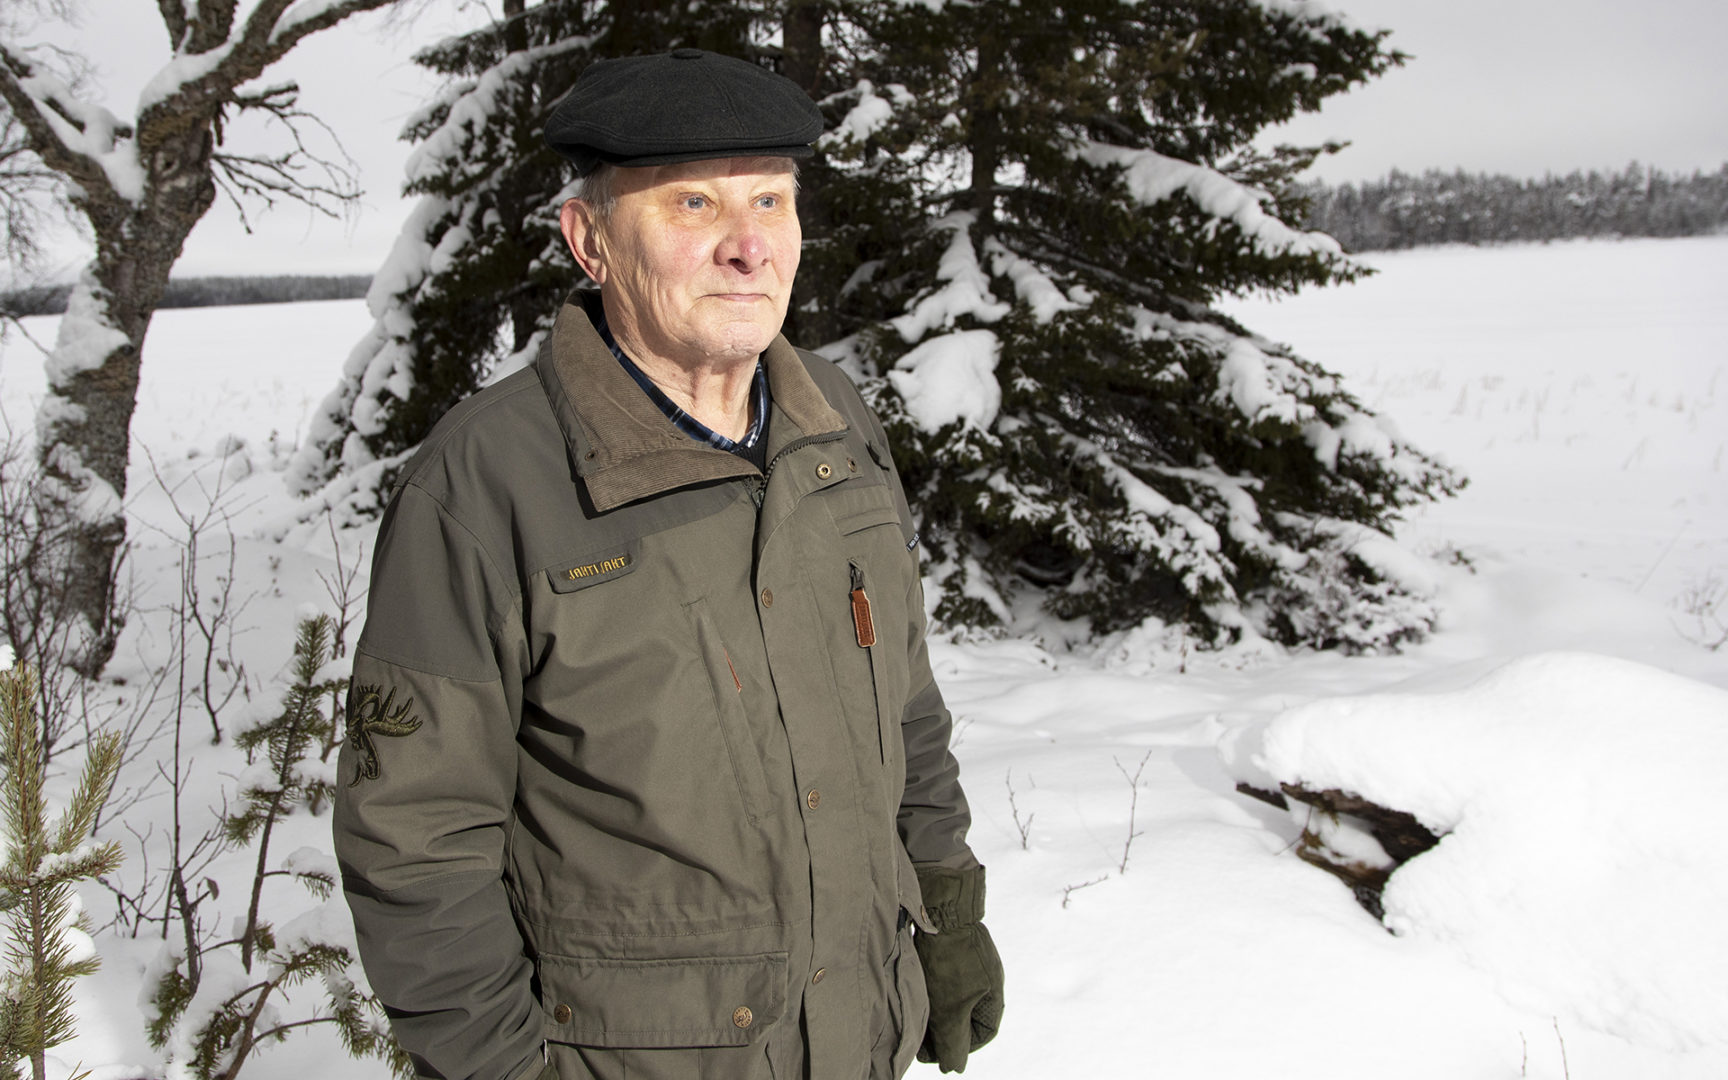 Ylirajavartija Antti Leivo paikalla, jossa hän pidätti neljä neuvostoloikkaria lähes puoli vuosisataa sitten